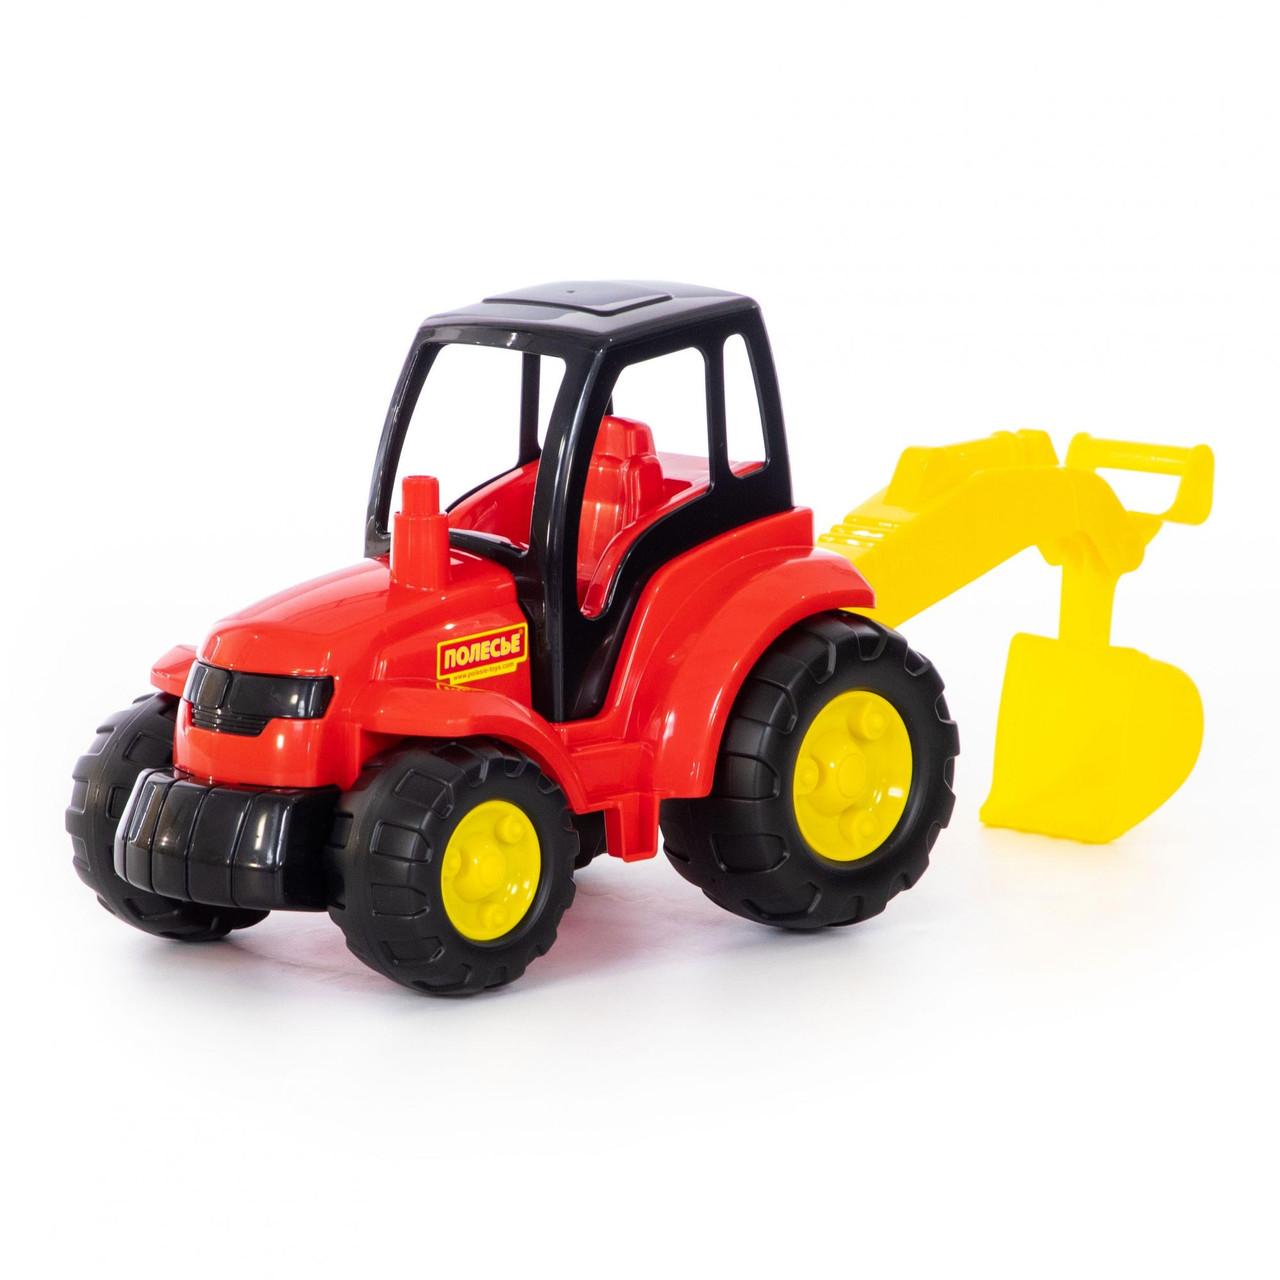 Игрушка трактор Чемпион с лопатой, Полесье - фото 1